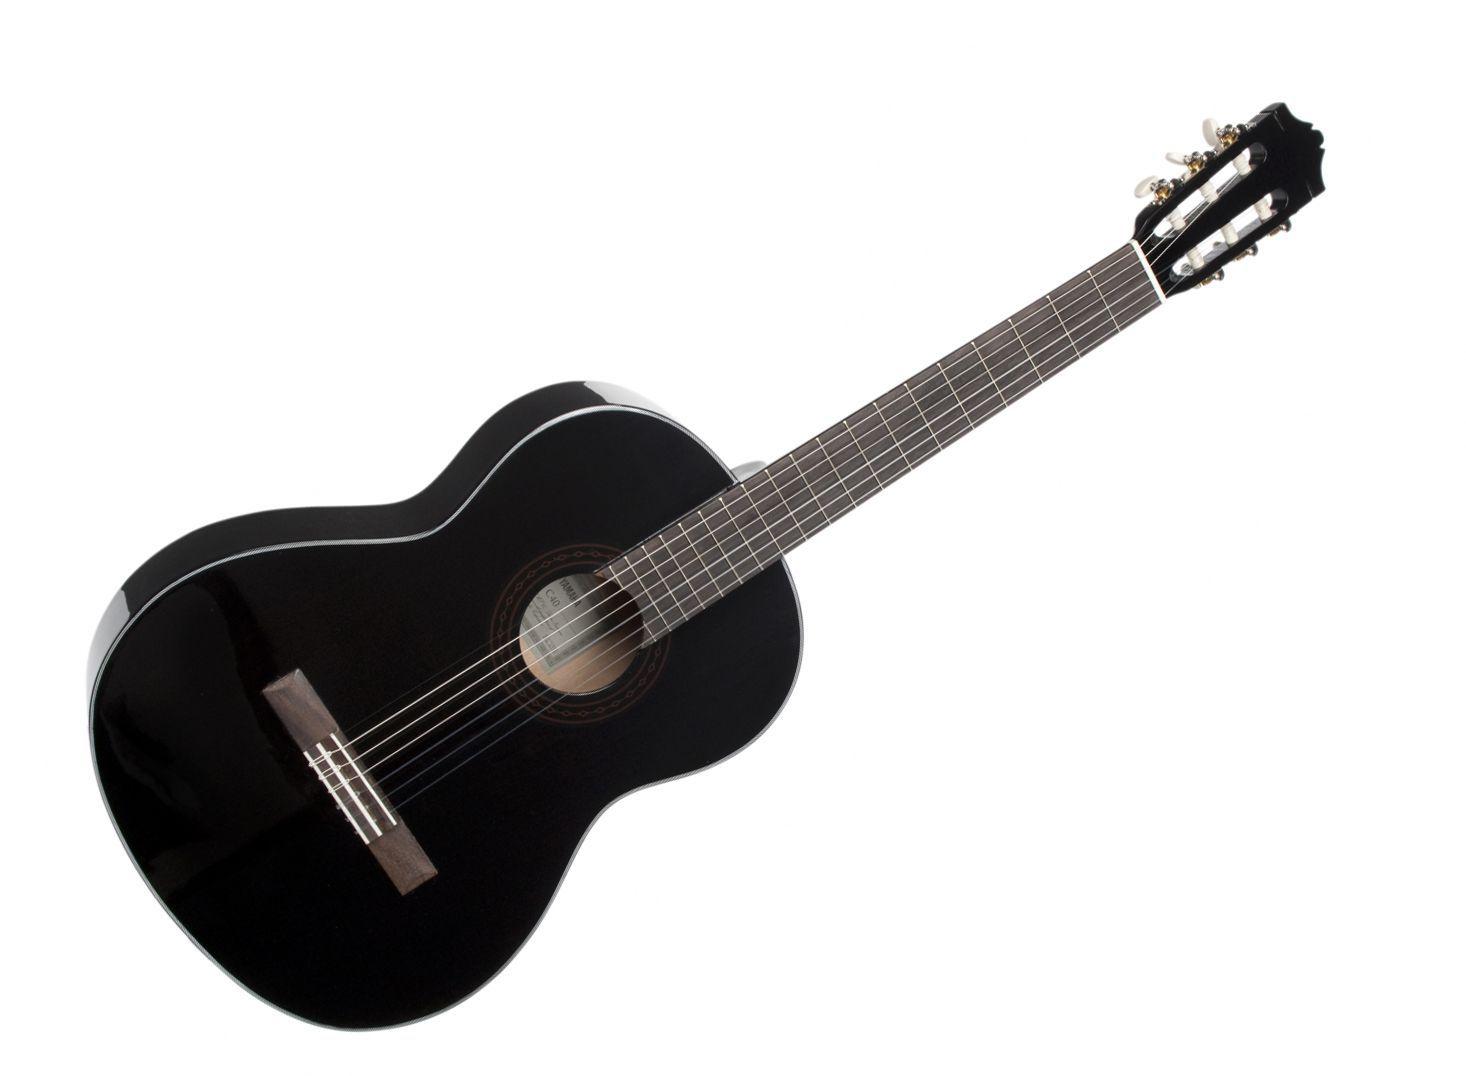 Yamaha C-40 BL Konzertgitarre in Black Highgloss Schülerinstrument